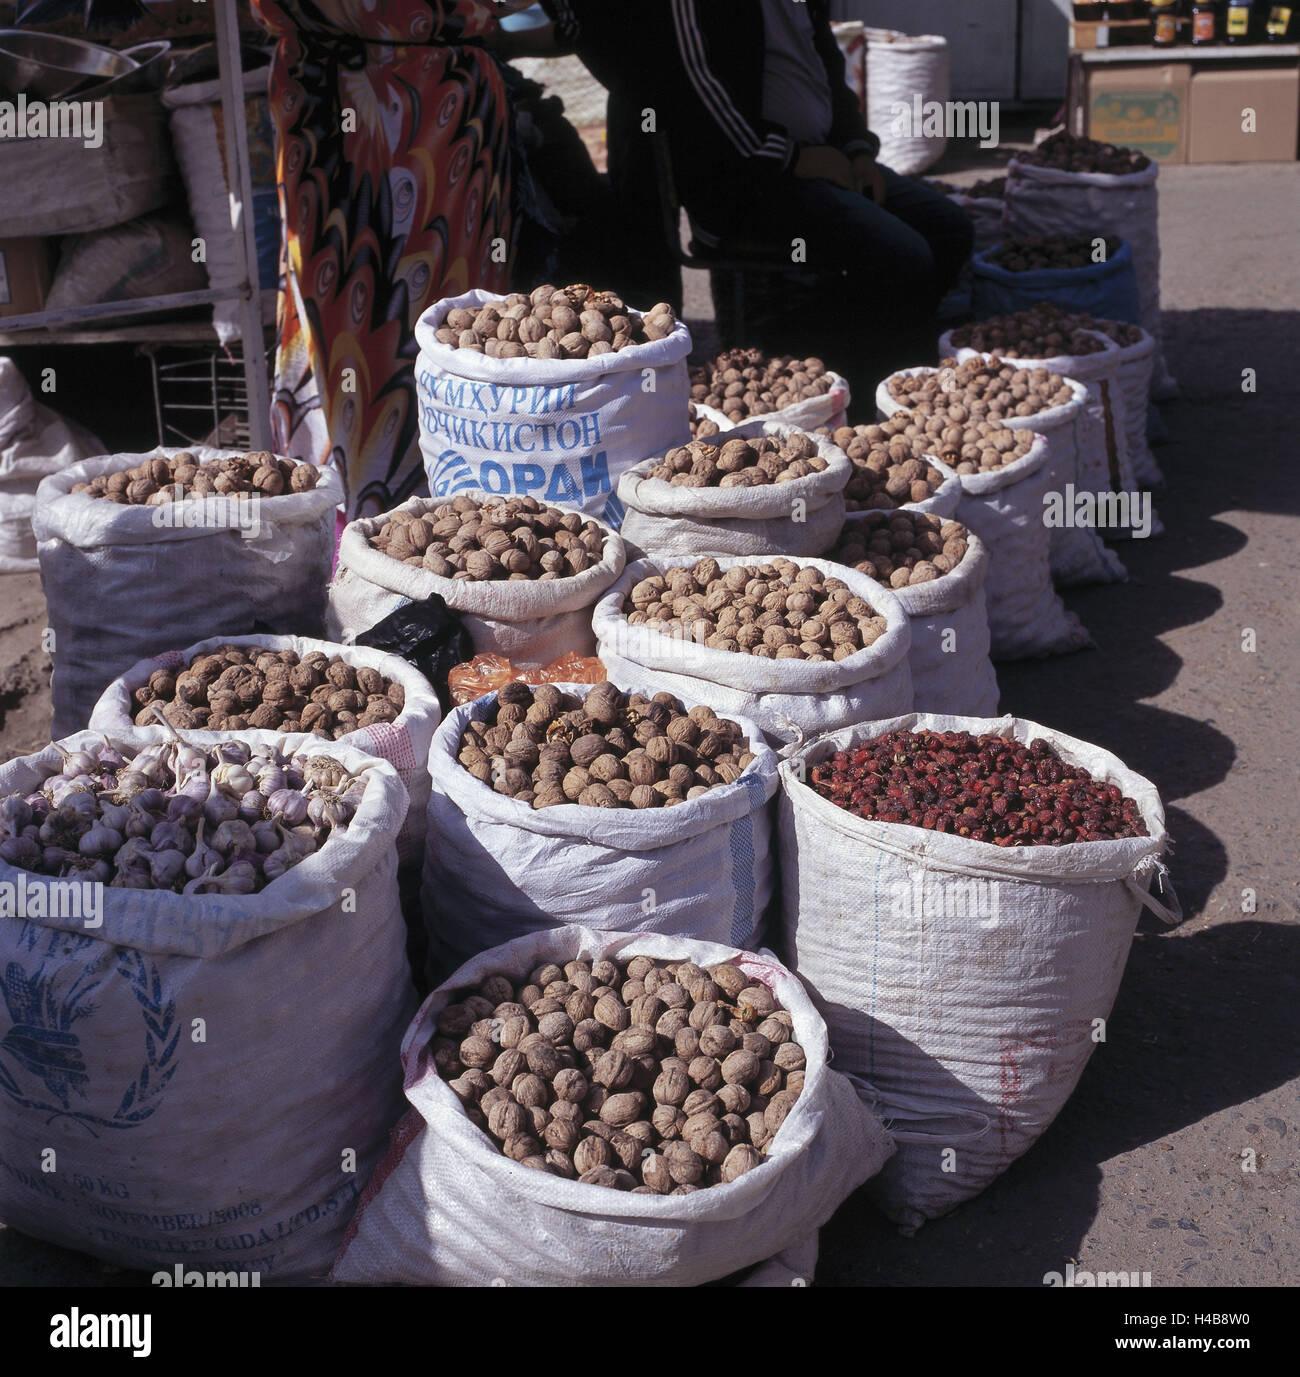 Tajikistan, Duschanbe, market, sacks with nuts, - Stock Image